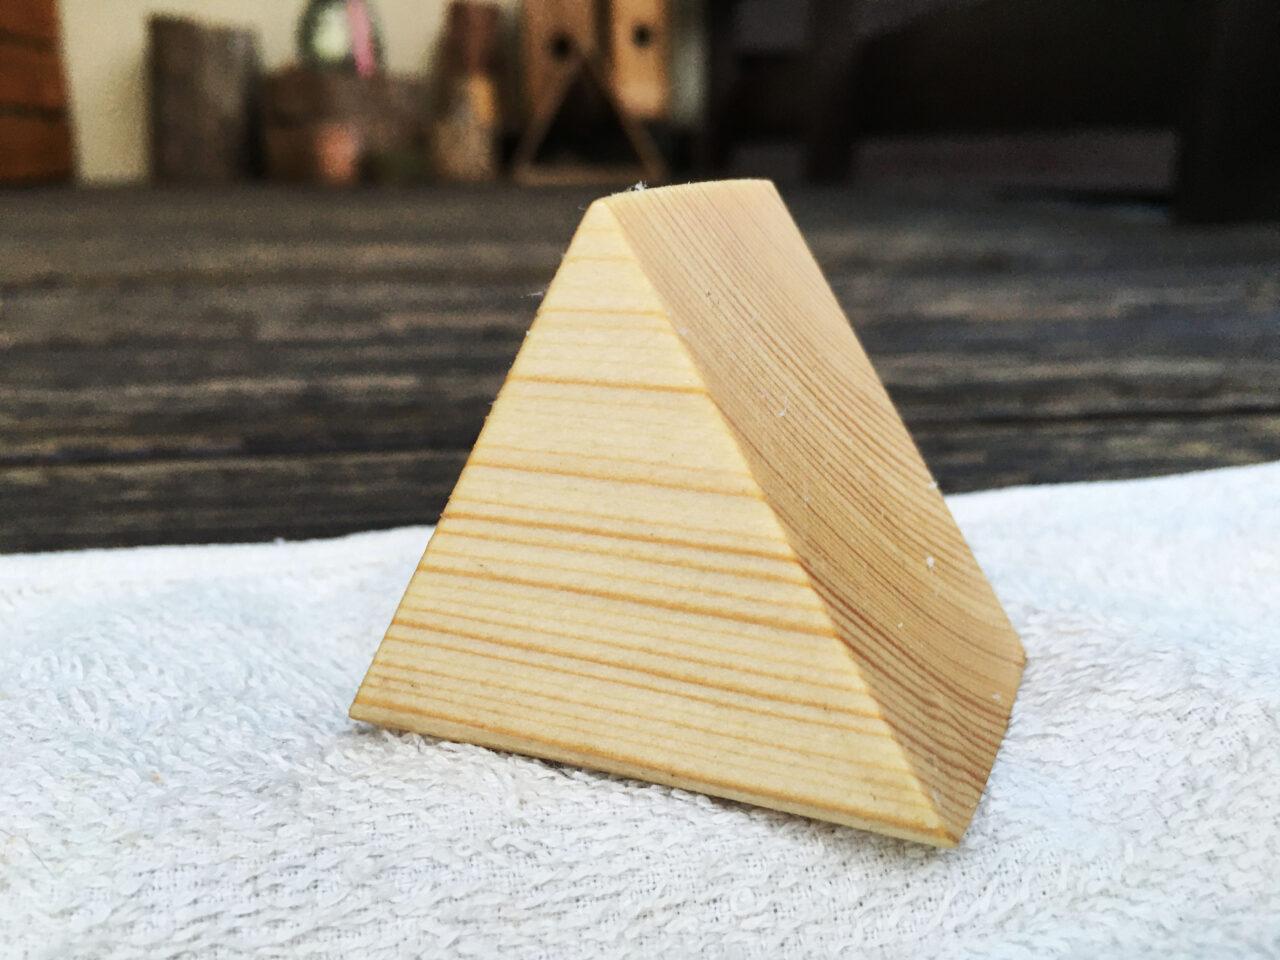 三角形の木製アクセスタンド